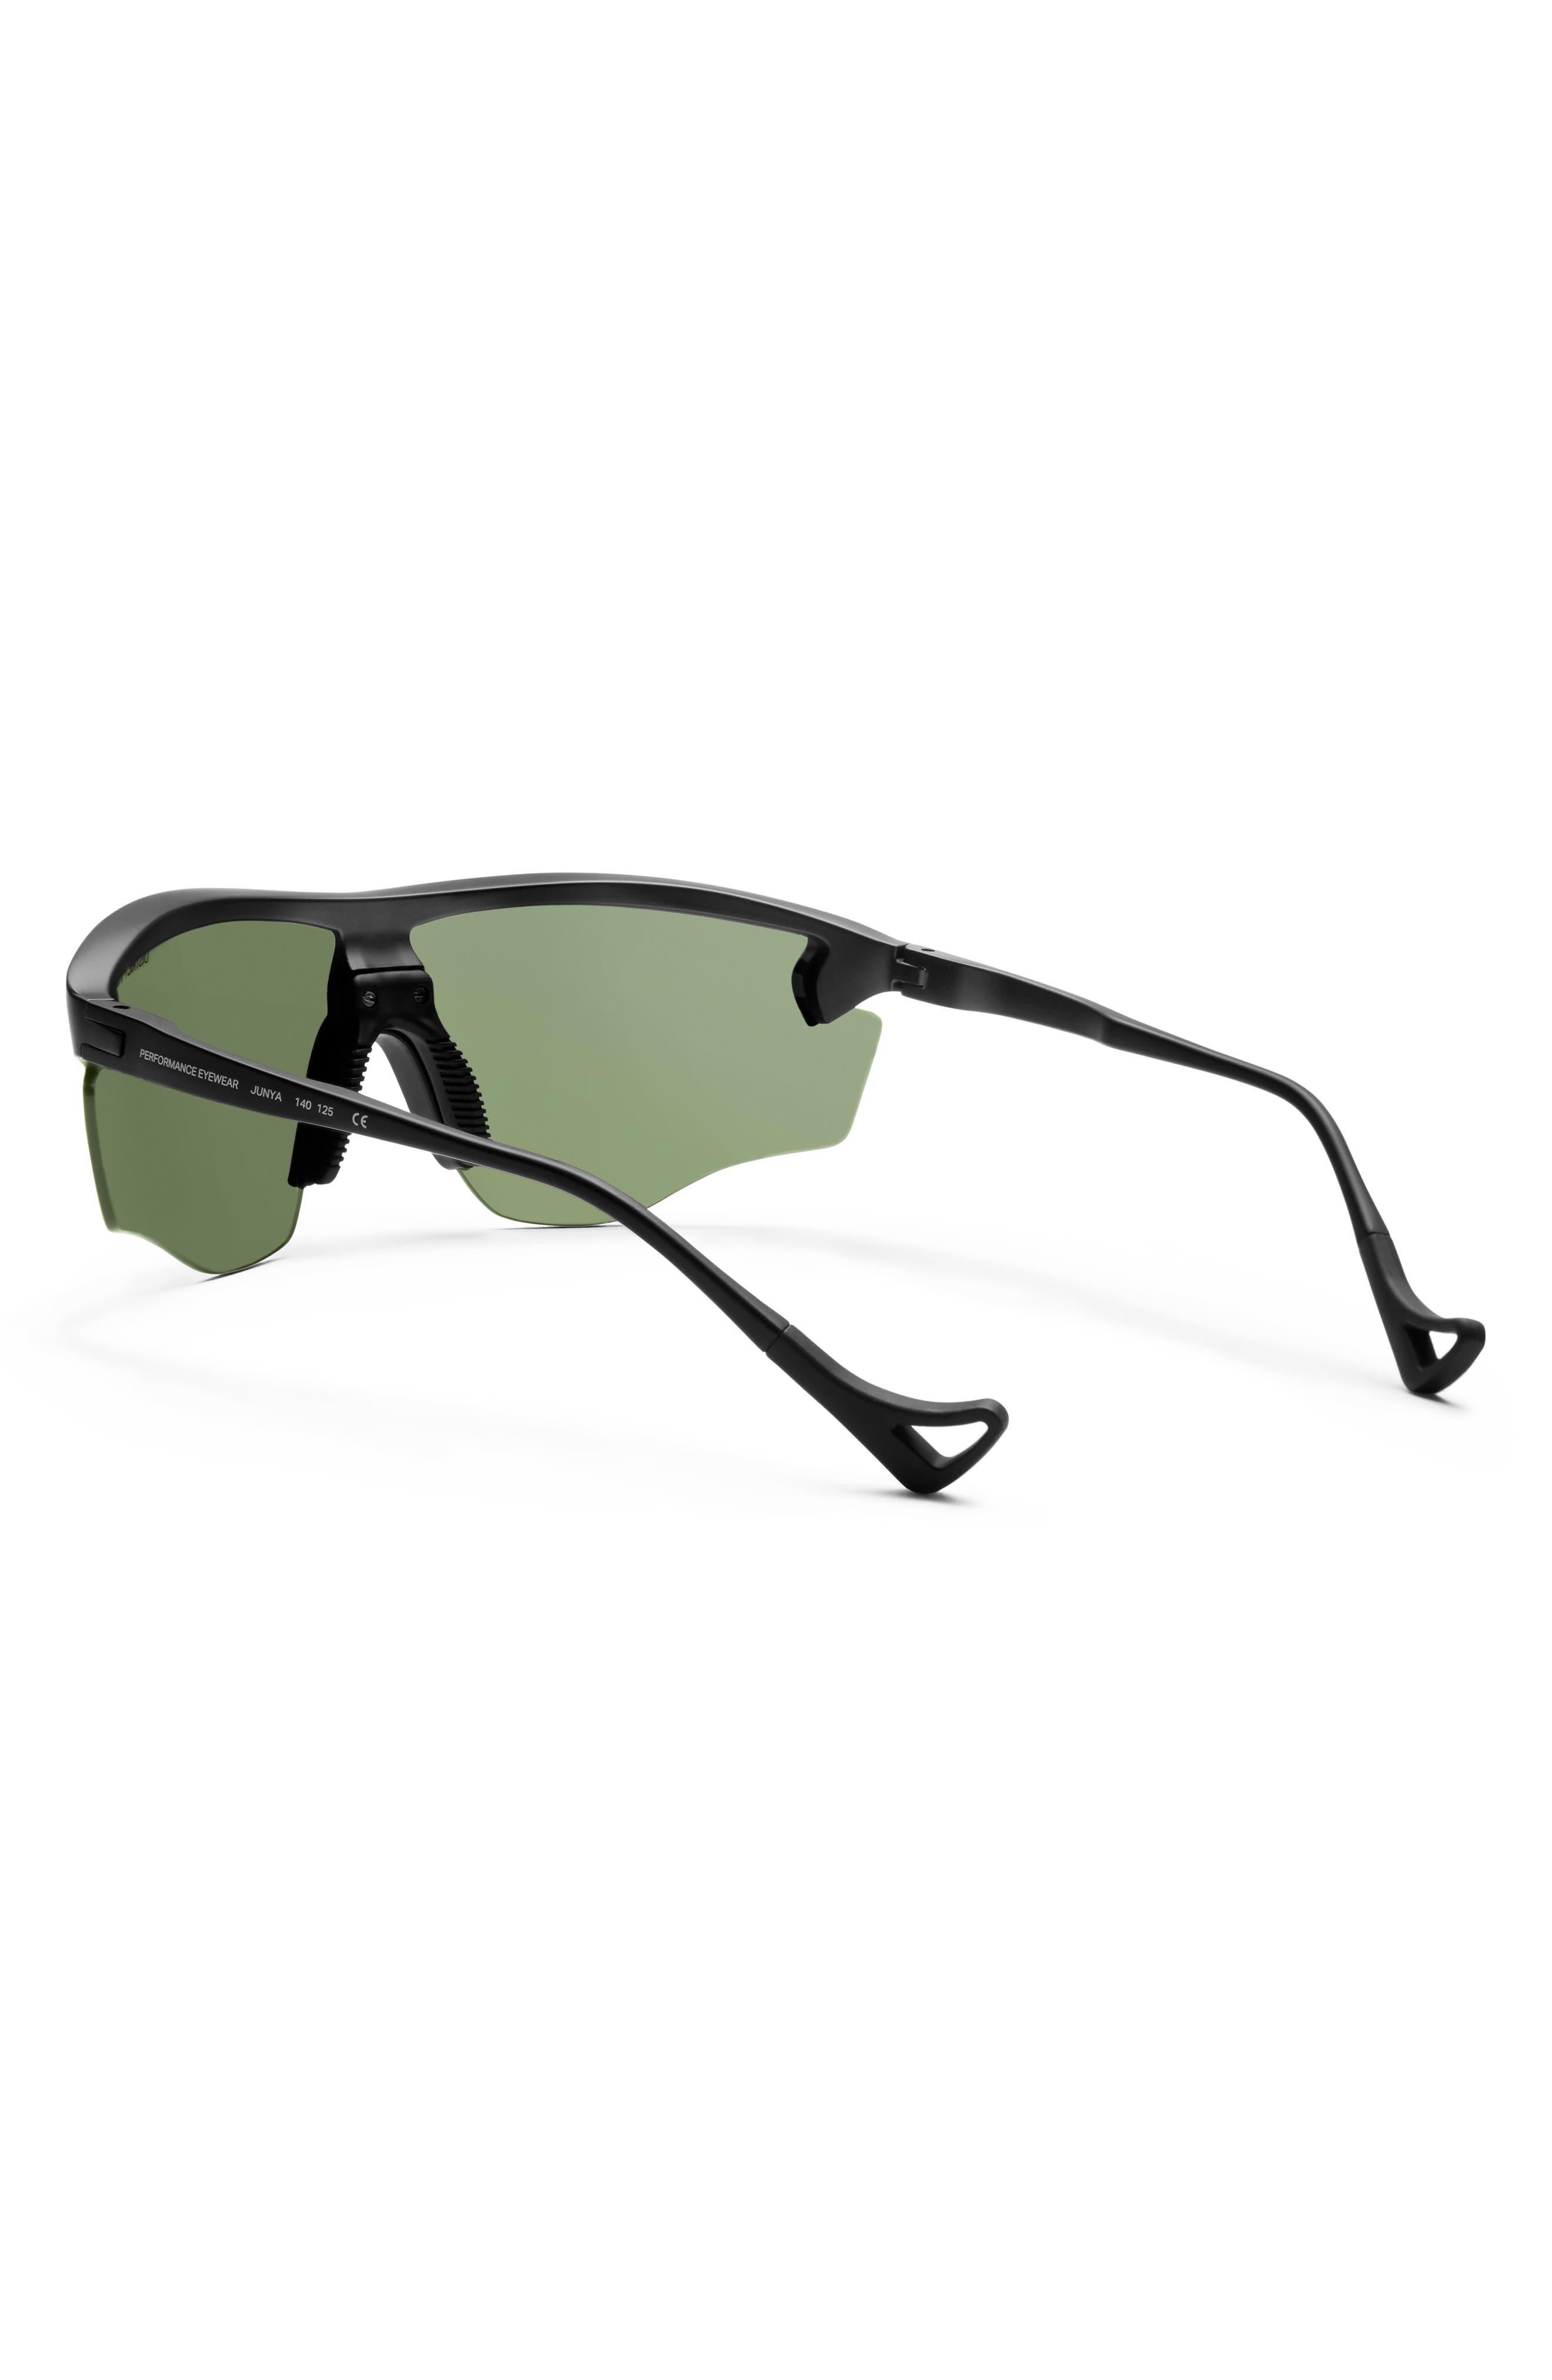 Junya 70mm Racing Sunglasses,                             Alternate thumbnail 3, color,                             BLACK/ SKY